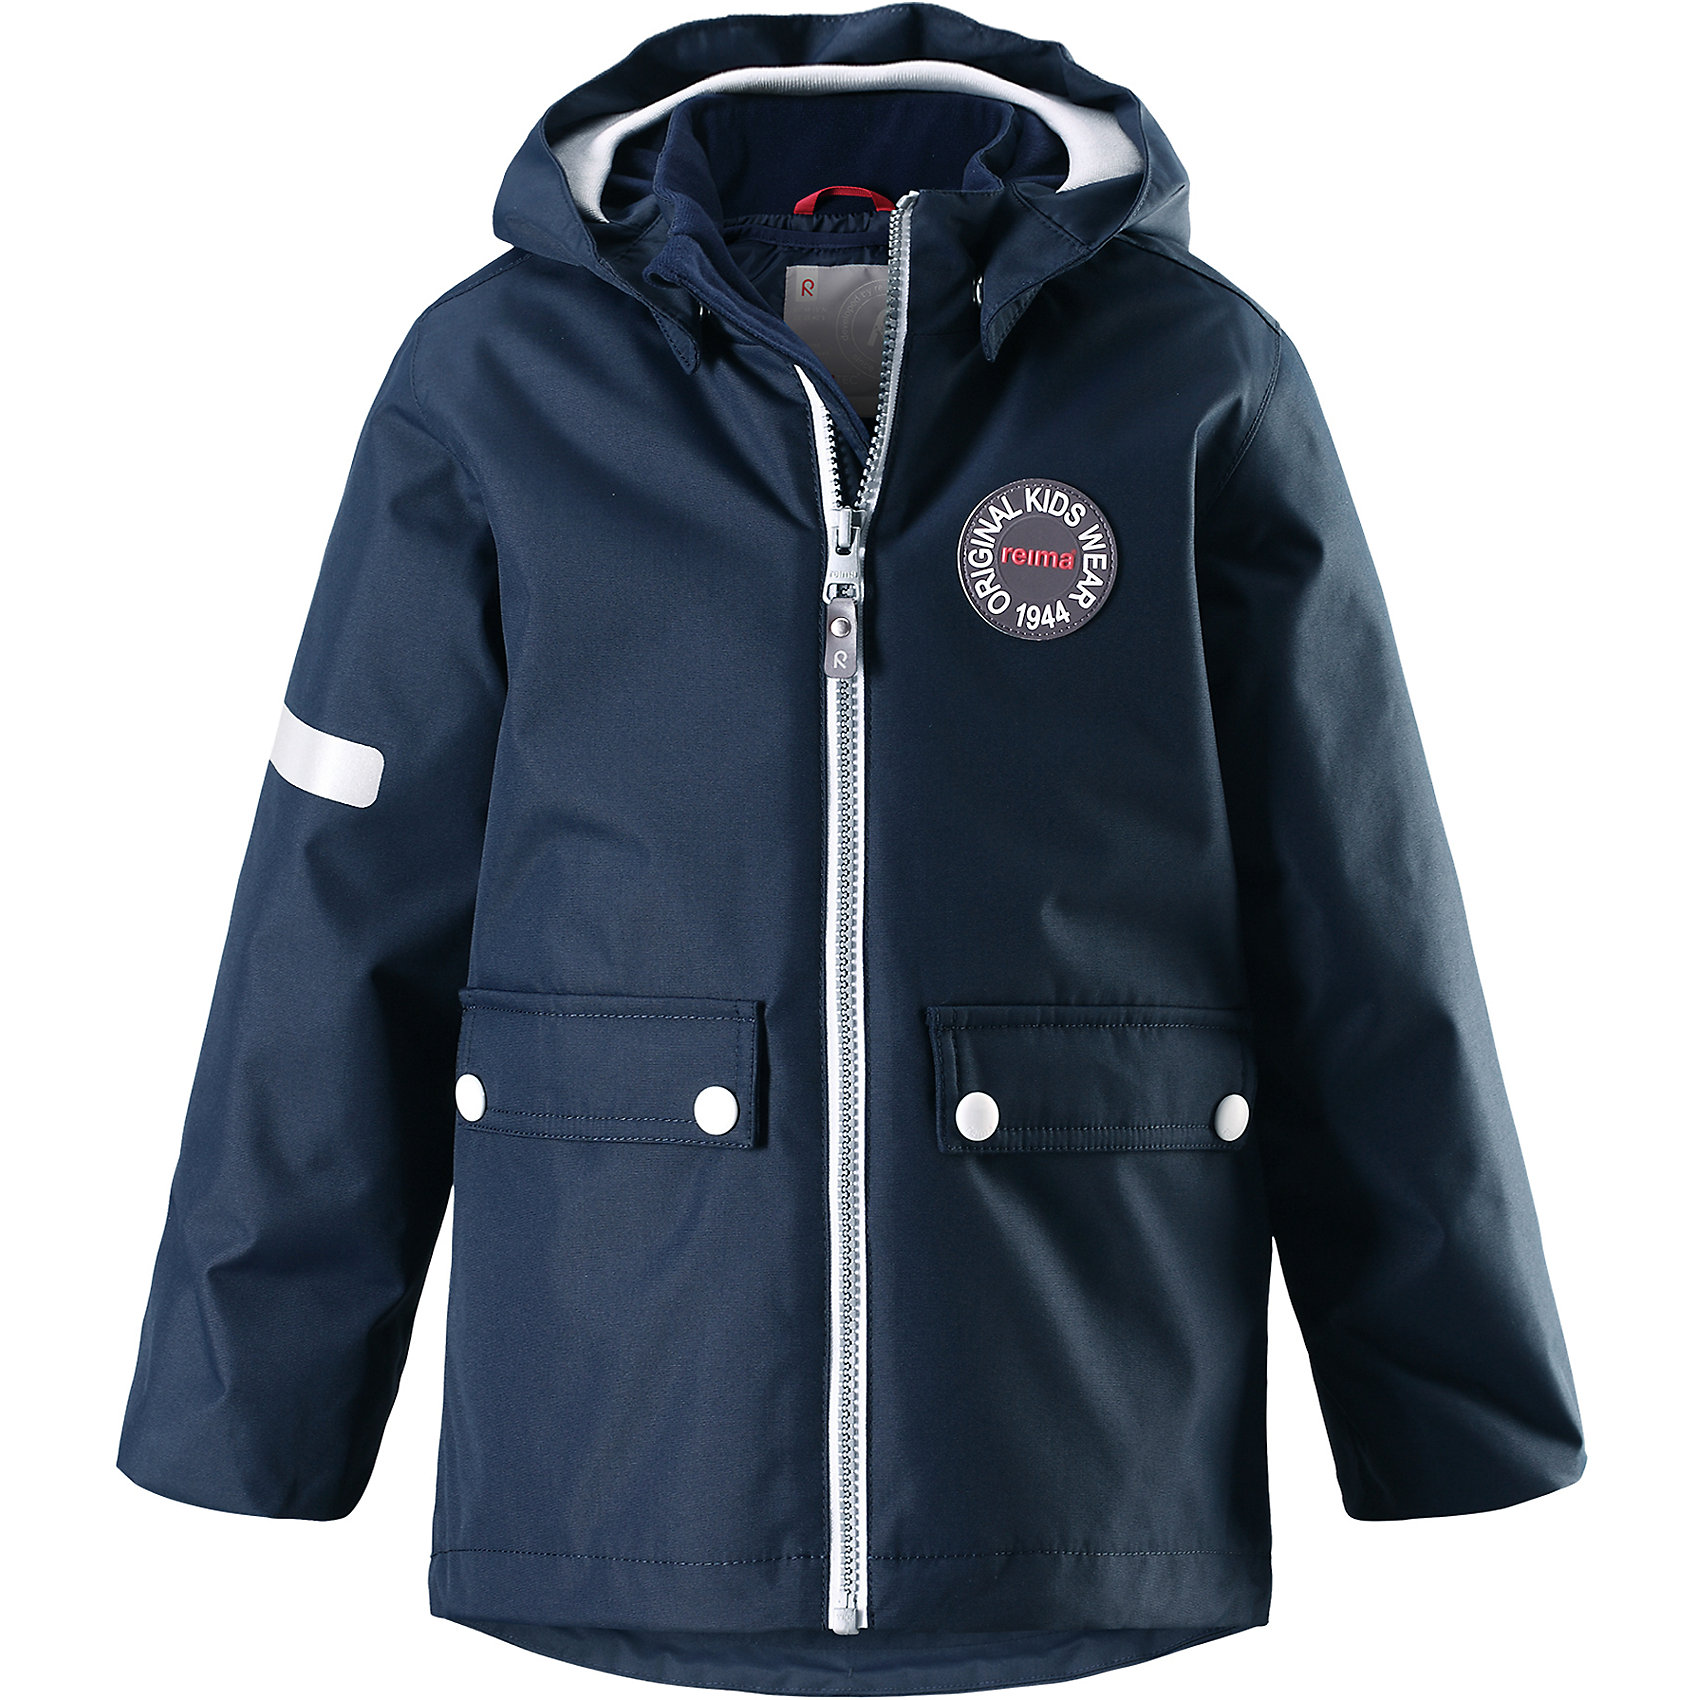 Куртка Taag Reimatec® ReimaВерхняя одежда<br>Характеристики товара:<br><br>• цвет: синий;<br>• состав: 100% полиэстер;<br>• утеплитель: 140 г/м2;<br>• сезон: демисезон, зима;<br>• температурный режим: от +10 до -10С;<br>• водонепроницаемость: 10000 мм;<br>• воздухопроницаемость: 10000 мм;<br>• износостойкость: 30000 циклов (тест Мартиндейла);<br>• водо и ветронепроницаемый, дышащий и грязеотталкивающий материал;<br>• все швы проклеены и водонепроницаемы;<br>• безопасный съемный капюшон на кнопках;<br>• застежка: молния с защитой подбородка от защемления;<br>• съемная стеганая подкладка;<br>• мягкая резинка на кромке капюшона и манжетах;<br>• регулируемый подол;<br>• два накладных кармана на кнопках;<br>• логотип Reima® спереди;<br>• светоотражающие элементы;<br>• страна бренда: Финляндия;<br>• страна производства: Китай.<br><br>Демисезонная куртка с капюшоном, в ней дождь не страшен – все основные швы проклеены, водонепроницаемы. Куртка на молнии со съемной стеганой подкладкой – незаменимая вещь для осенней поры а когда похолодает, просто подденьте теплый промежуточный слой и куртка превратиться в отличный зимний вариант. <br><br>Подол в этой куртке прямого покроя легко регулируется, что позволяет подогнать ее идеально по фигуре. Большие карманы с клапанами и светоотражающие детали, вместе с мягкой резинкой на манжетах и по краю капюшона они придают образу изюминку.<br><br>Куртка Taag Reimatec® Reima (Рейма) можно купить в нашем интернет-магазине.<br><br>Ширина мм: 356<br>Глубина мм: 10<br>Высота мм: 245<br>Вес г: 519<br>Цвет: синий<br>Возраст от месяцев: 48<br>Возраст до месяцев: 60<br>Пол: Унисекс<br>Возраст: Детский<br>Размер: 110,116,122,128,134,140,104<br>SKU: 6907752